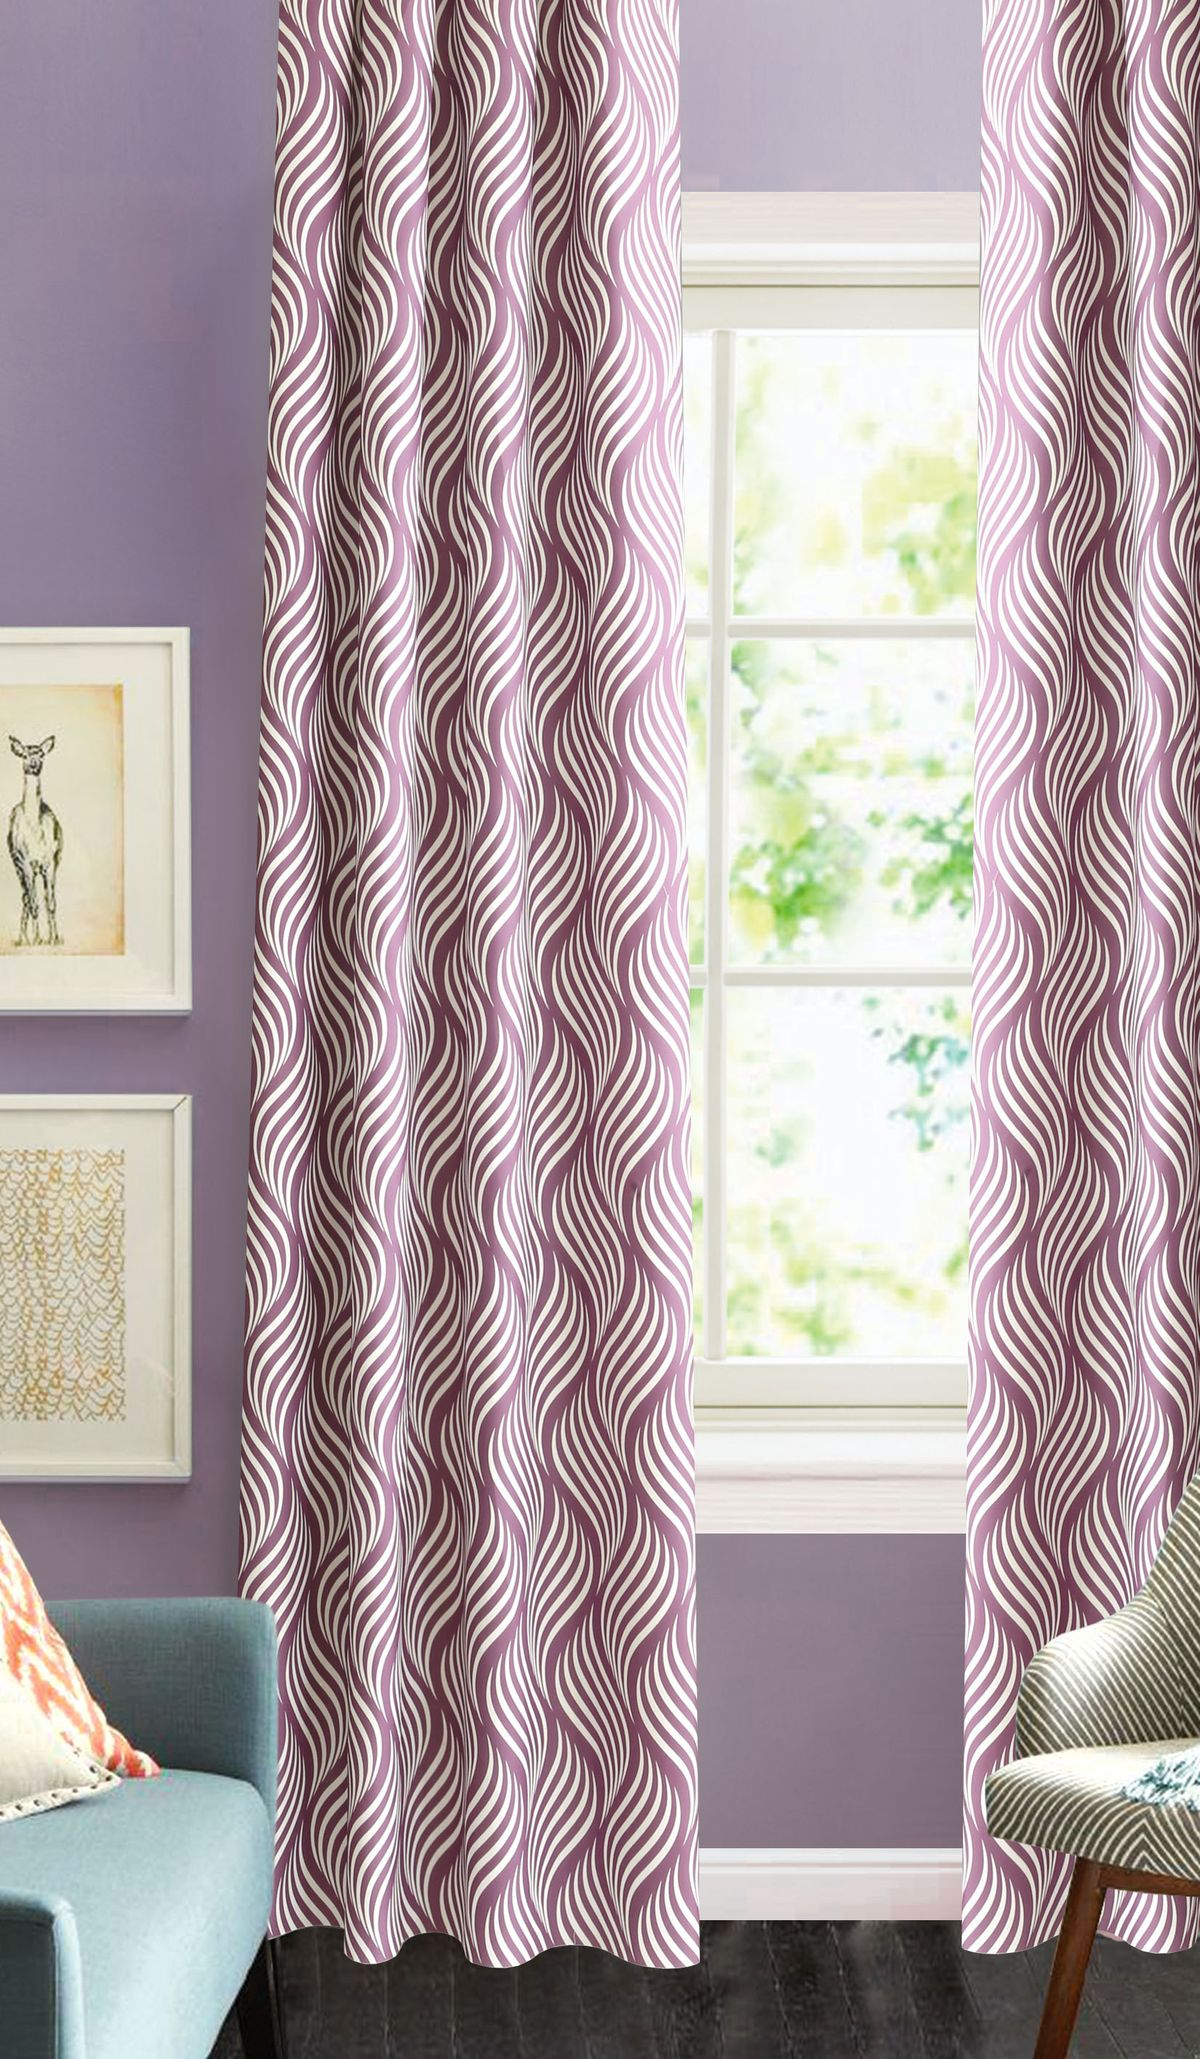 Штора готовая Garden, на ленте, цвет: сиреневый, 200х260 см. С 1264 - W1687 V88P308-8551/1Изящная штора для гостиной Garden выполнена из плотной ткани с узором. Приятная текстура и цвет привлекут к себе внимание и органично впишутся в интерьер помещения. Штора крепится на карниз при помощи ленты, которая поможет красиво и равномерно задрапировать верх.